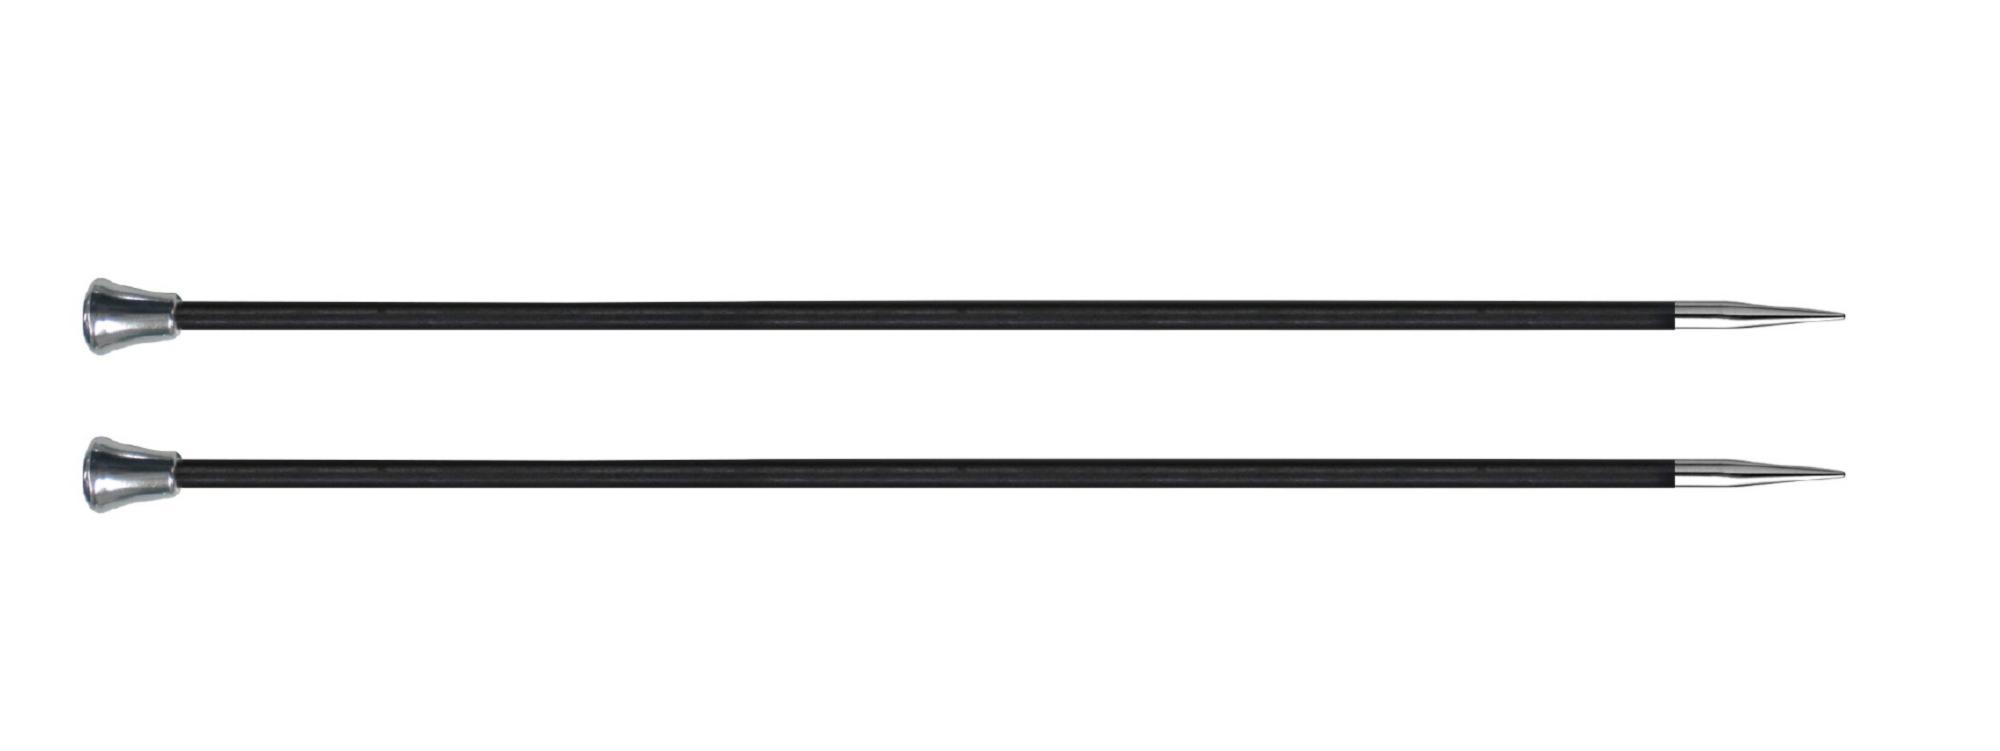 Спицы прямые 25 см Karbonz KnitPro, 41255, 3.25 мм